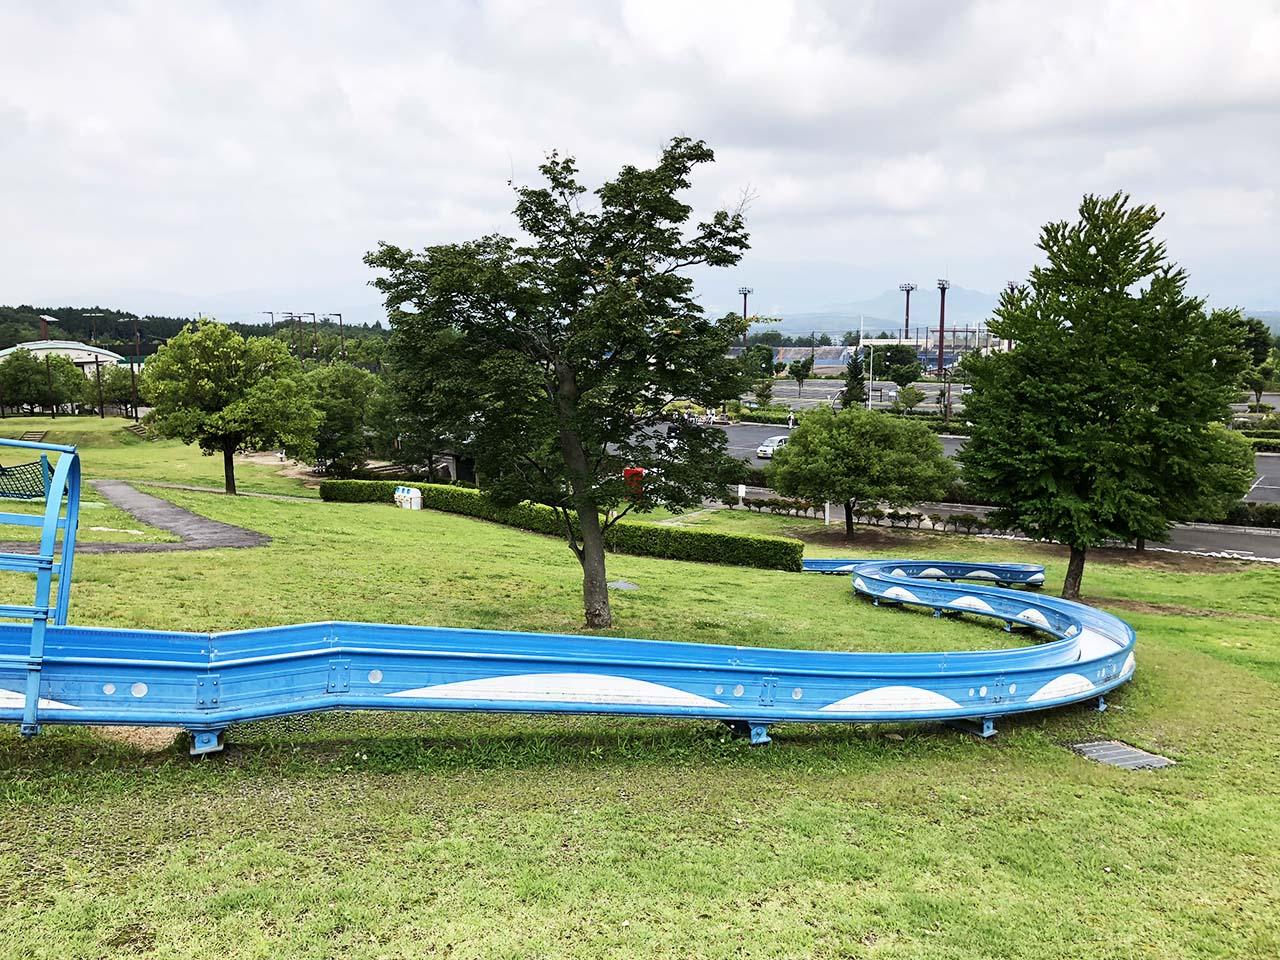 子供と遊ぶ公園中津川市の中津川公園の遊具広場ローラー滑り台